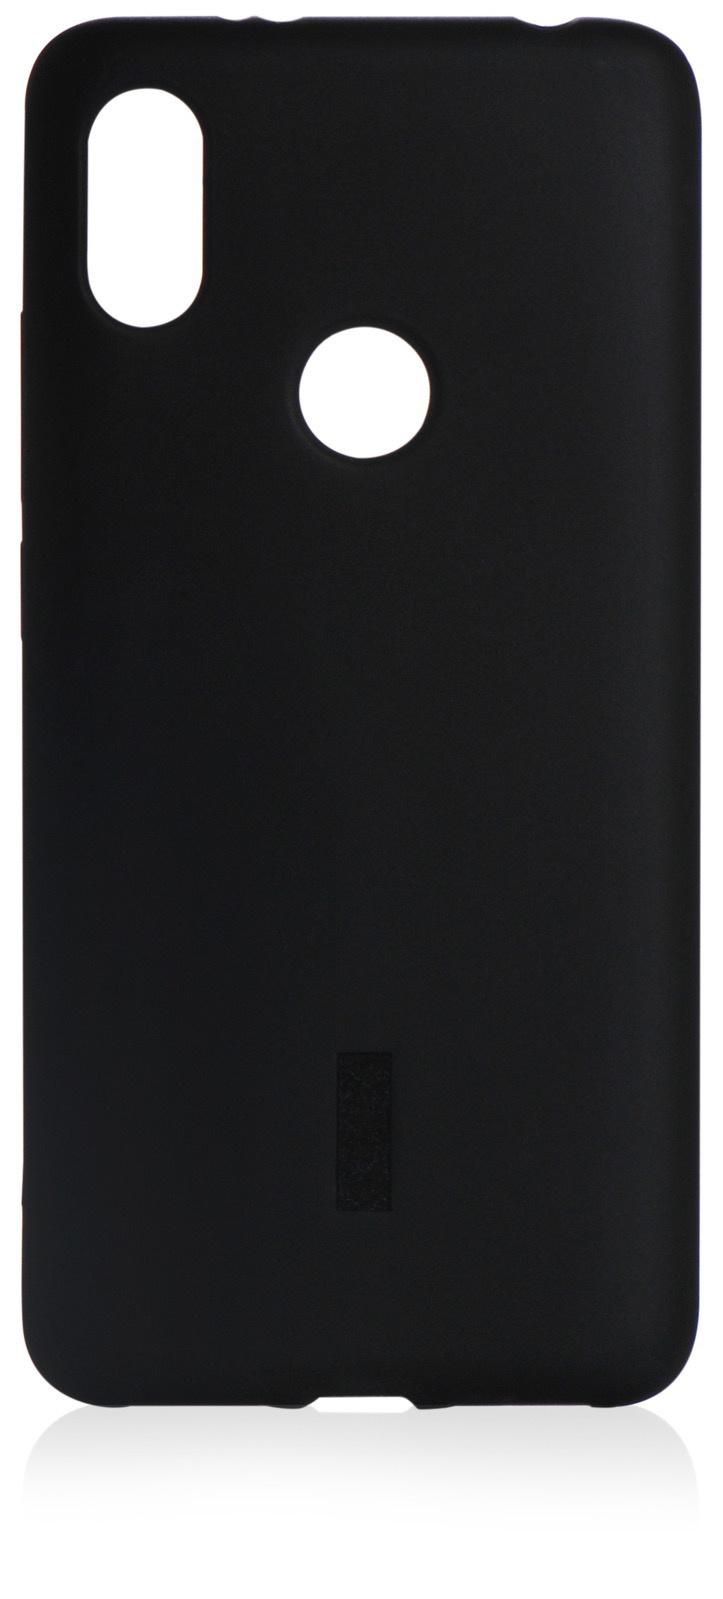 Чехол для сотового телефона iNeez силикон матовый + пленка (BOX) для Xiaomi Redmi S2, черный